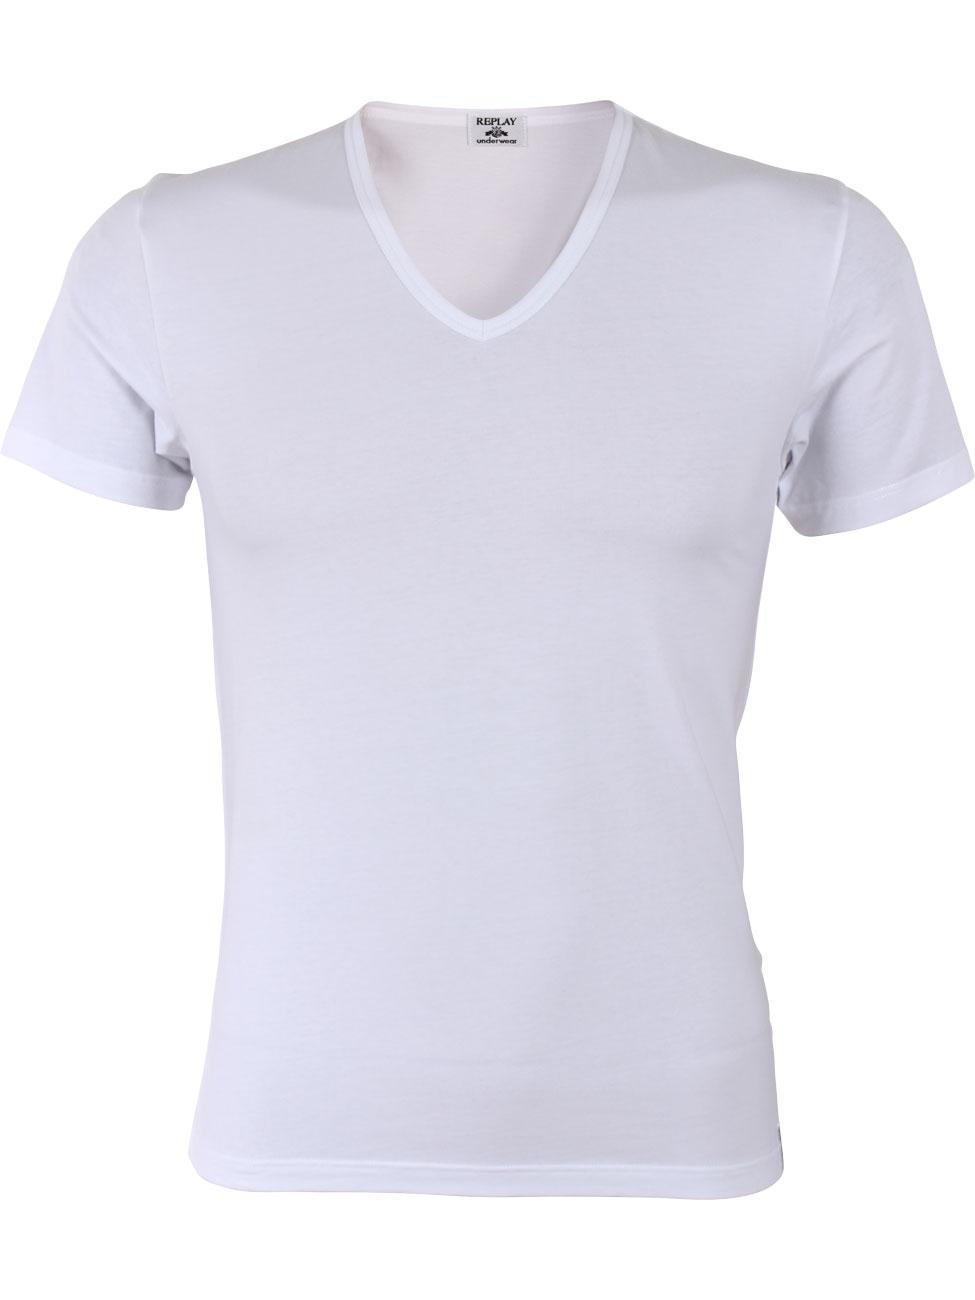 replay herren v neck t shirt kaufen jeans direct de. Black Bedroom Furniture Sets. Home Design Ideas